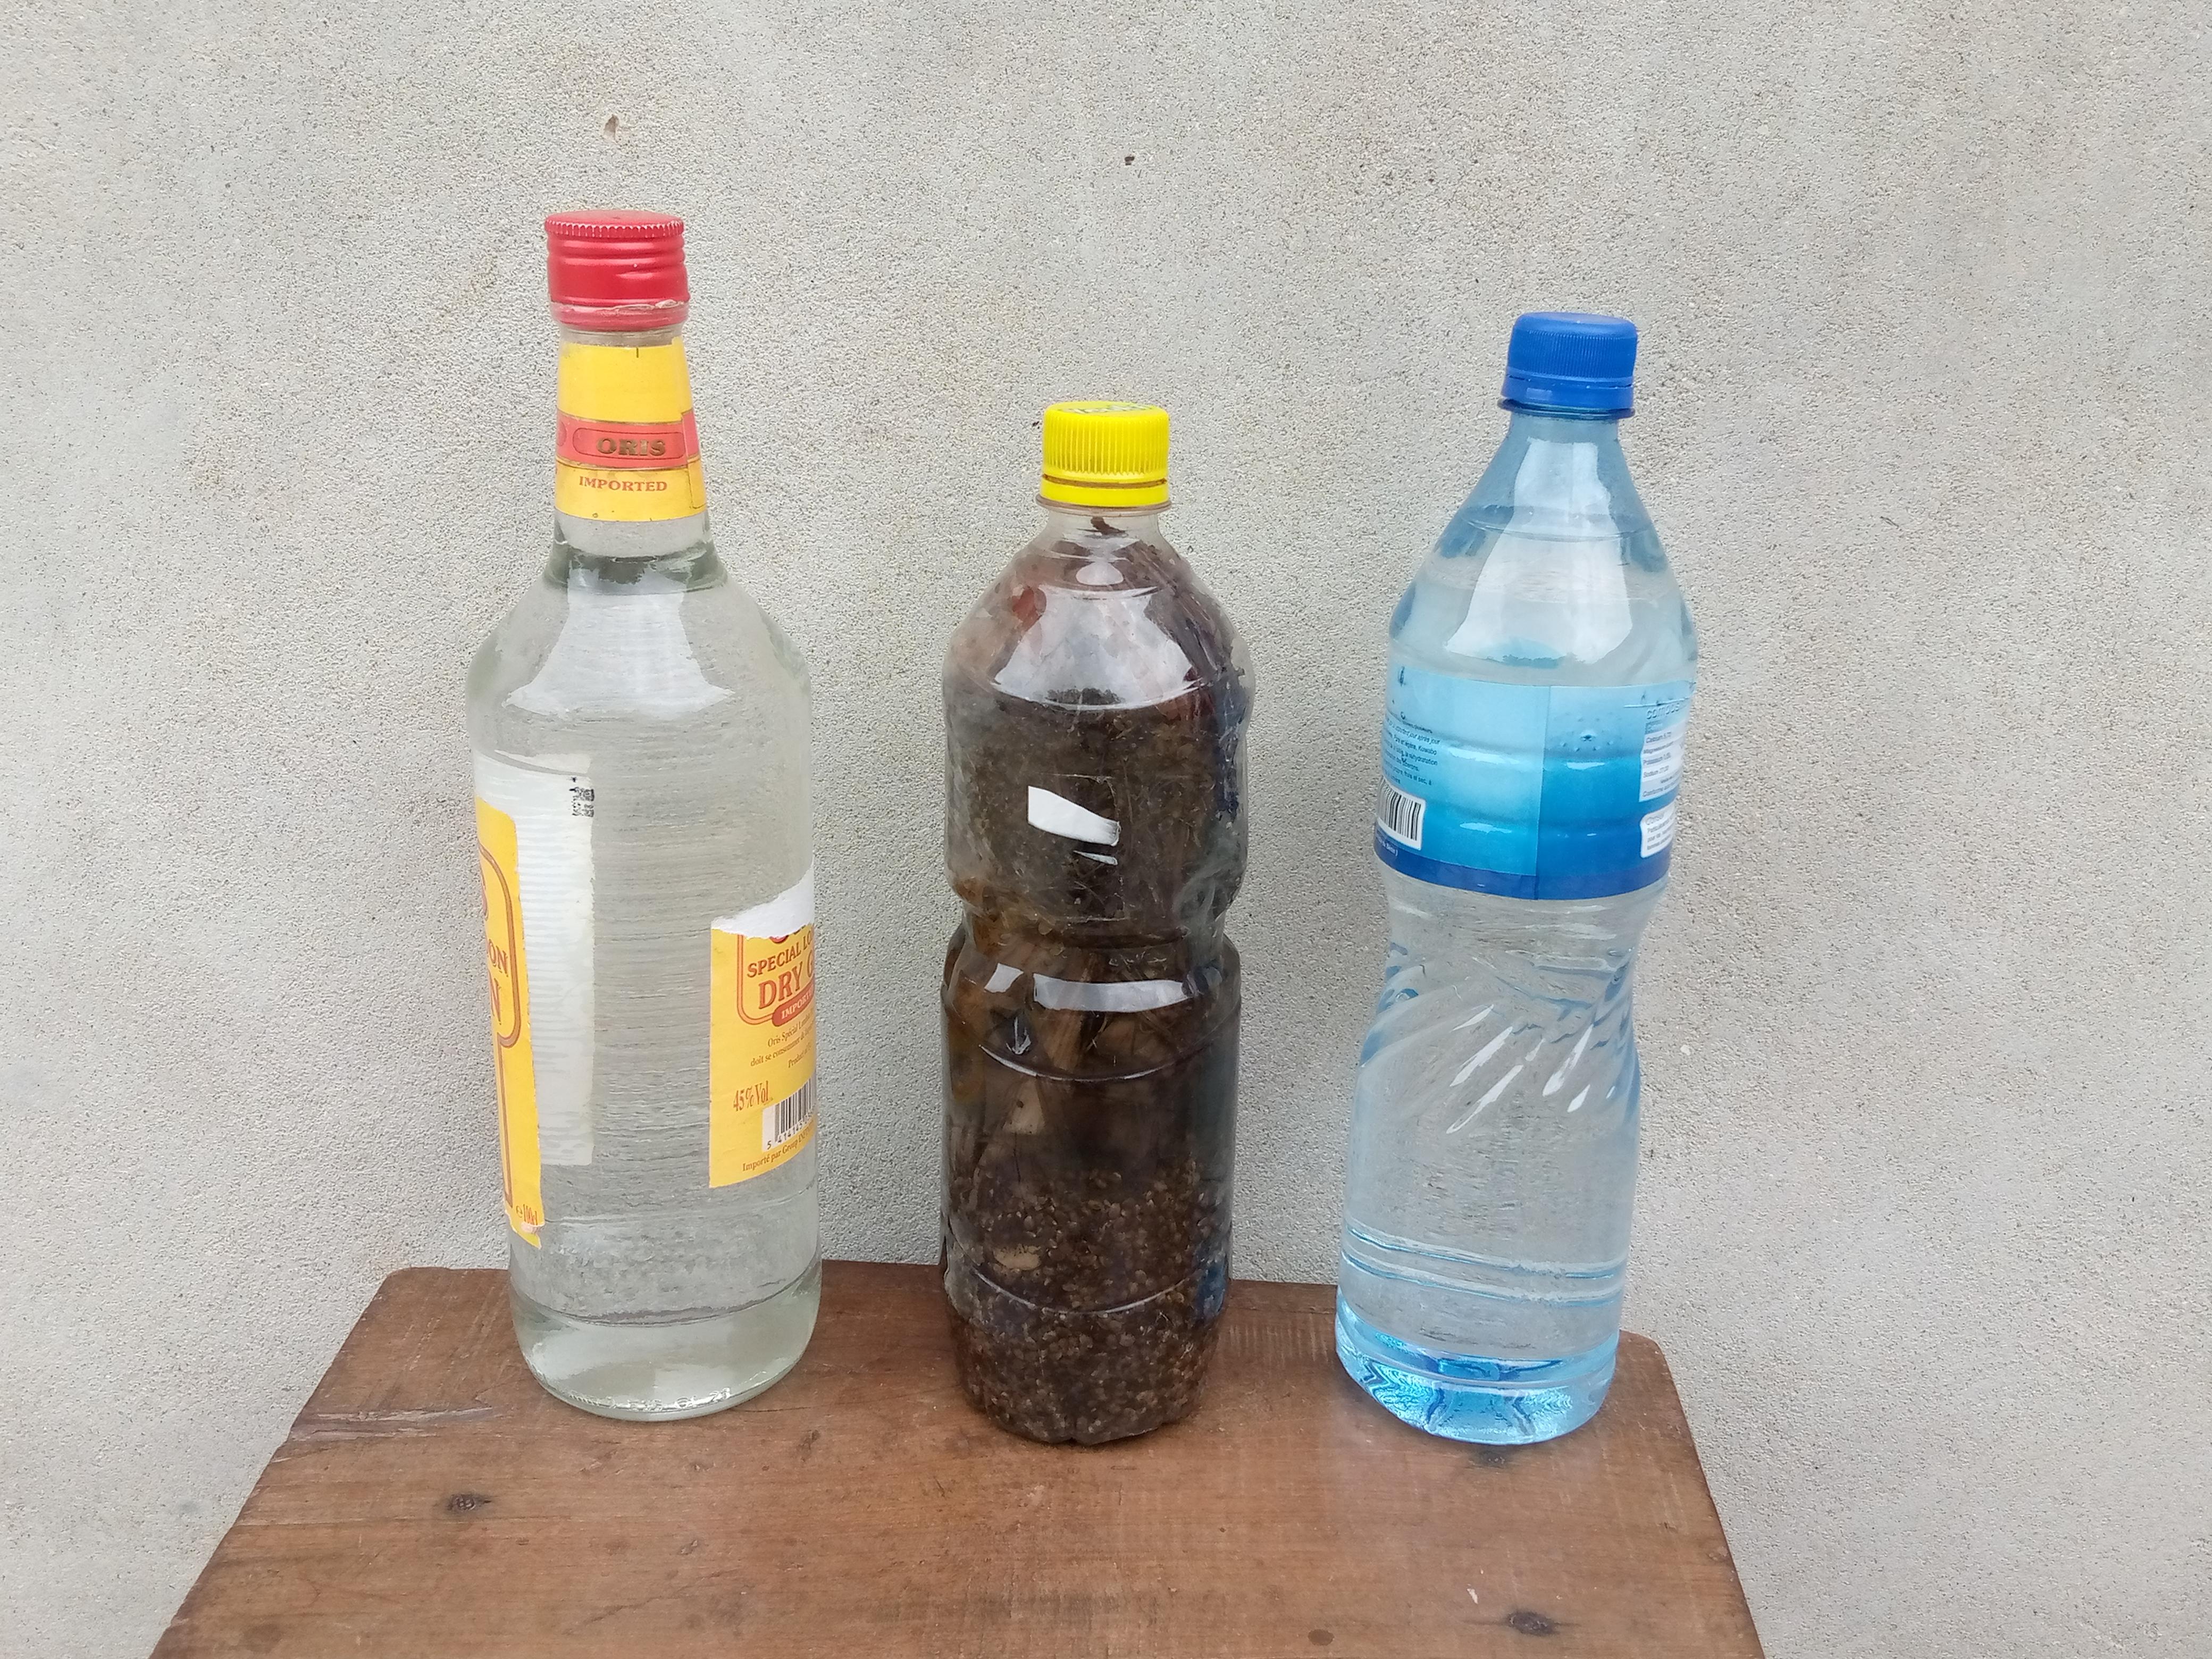 Bénin : A quand la labellisation du Sodabi ?